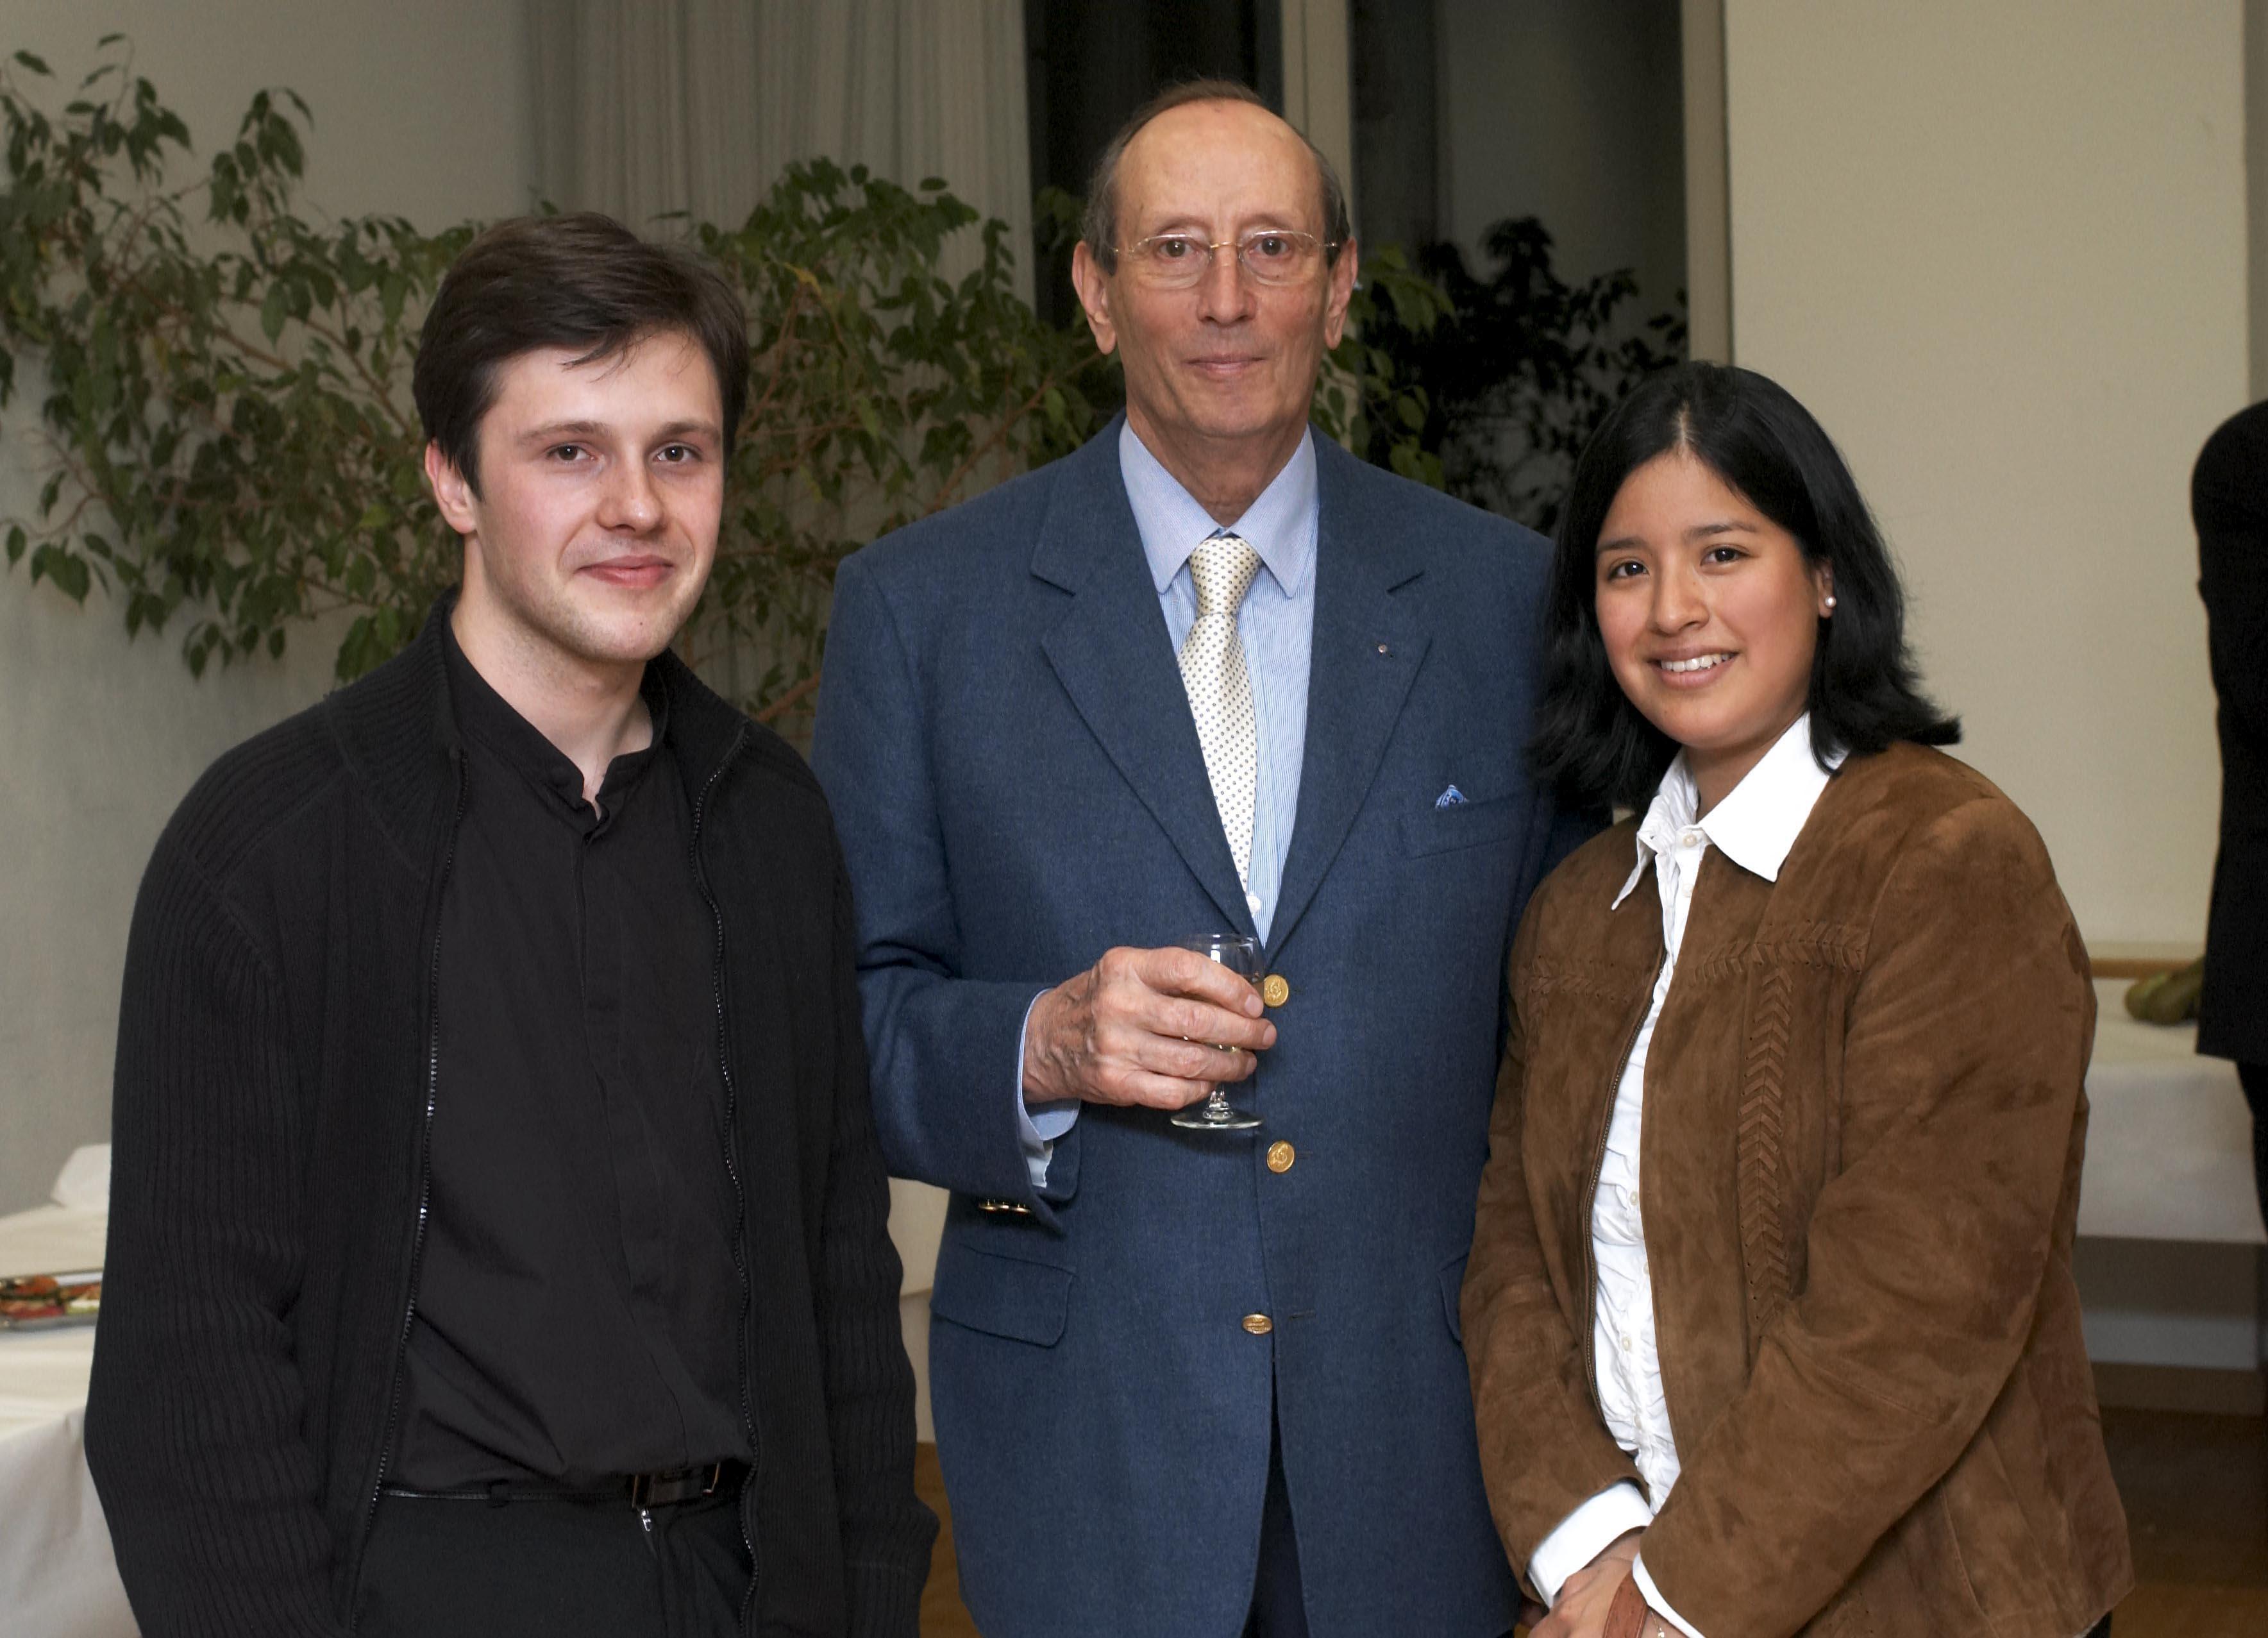 Rahn Musikpreis 2006 vlnr.: Alexander Grytsayenko, Hans-Konrad Rahn, Ana Patricia Rahn